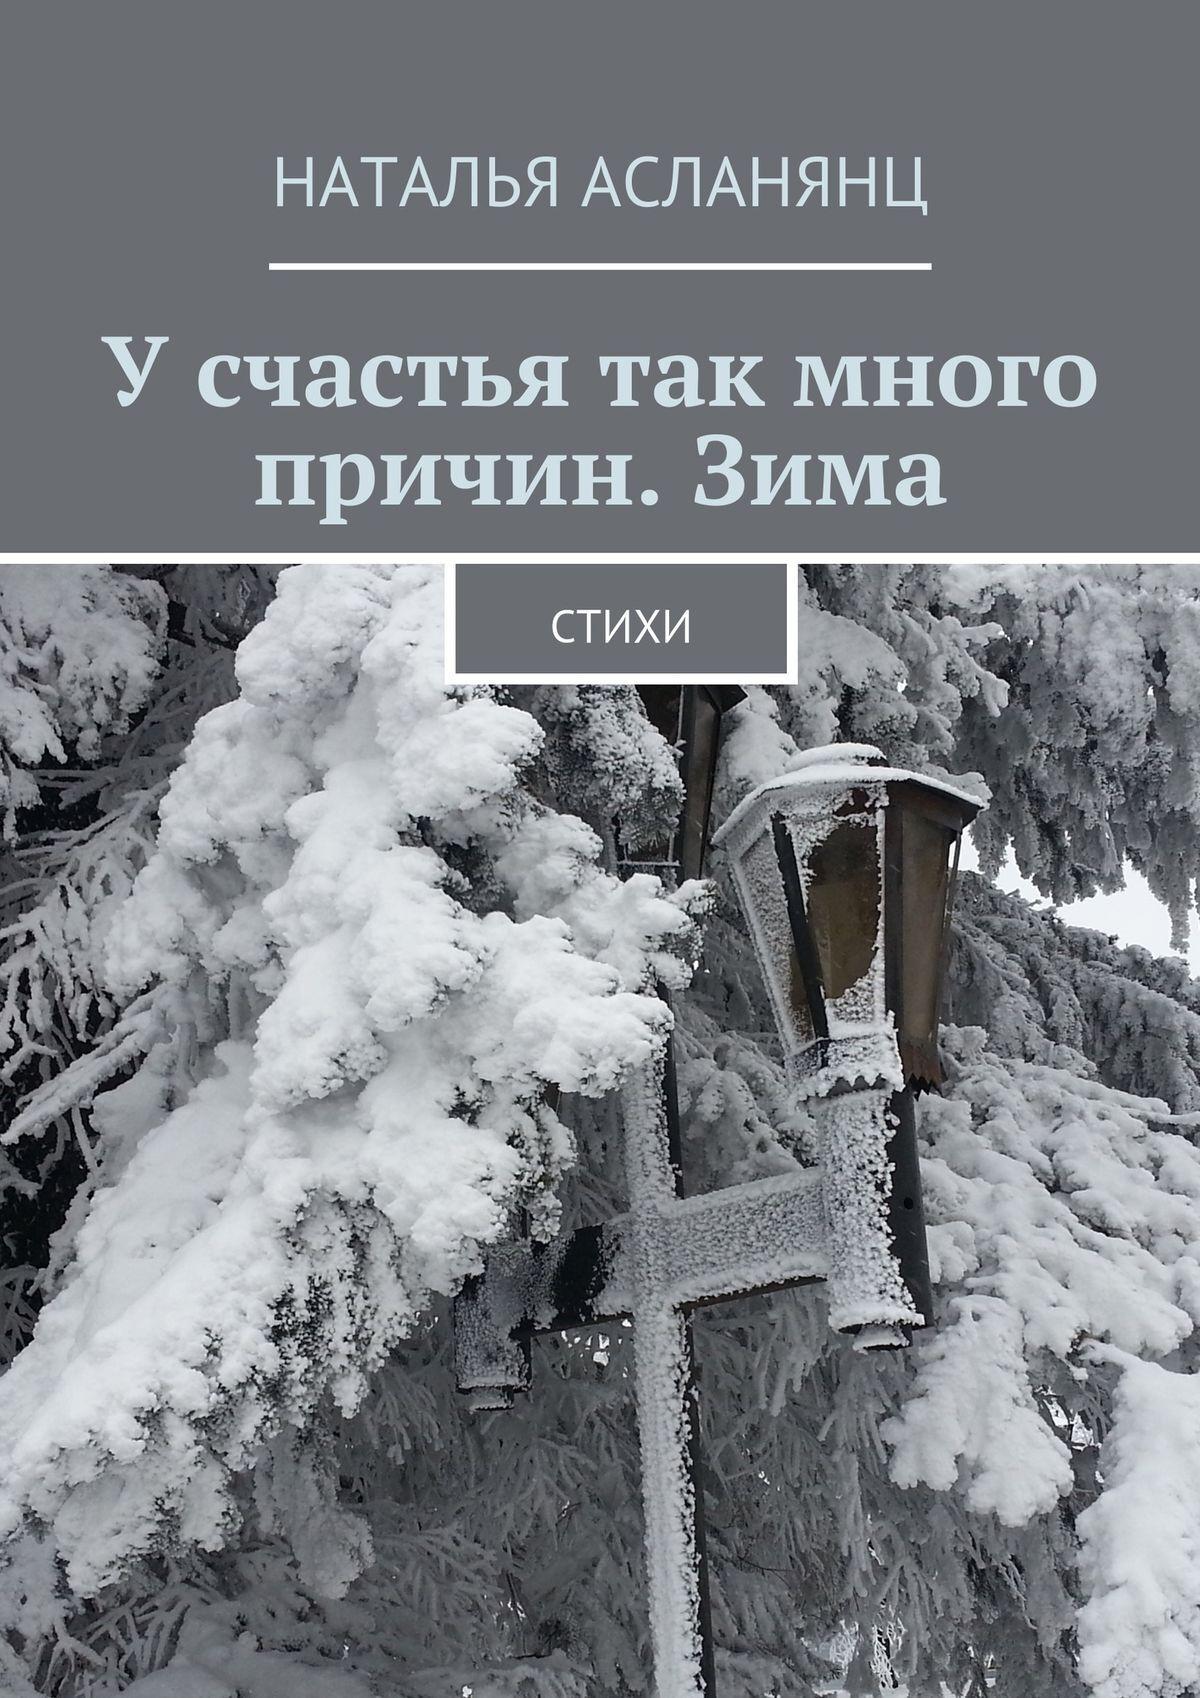 Наталья Асланянц У счастья так много причин. Зима. Стихи